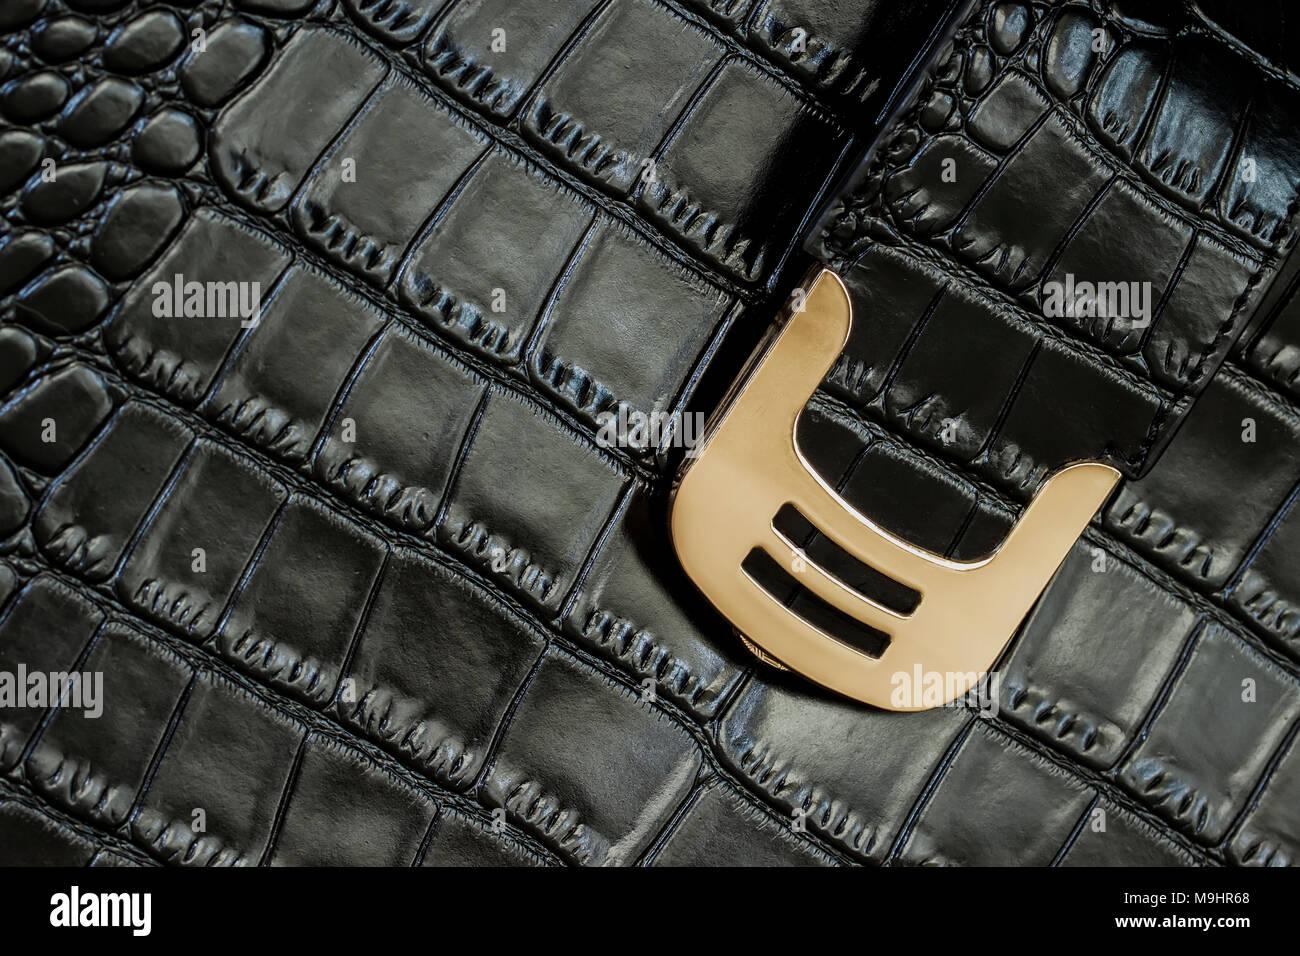 Ausgefallene Lederwaren Stockfotos Ausgefallene Lederwaren Bilder